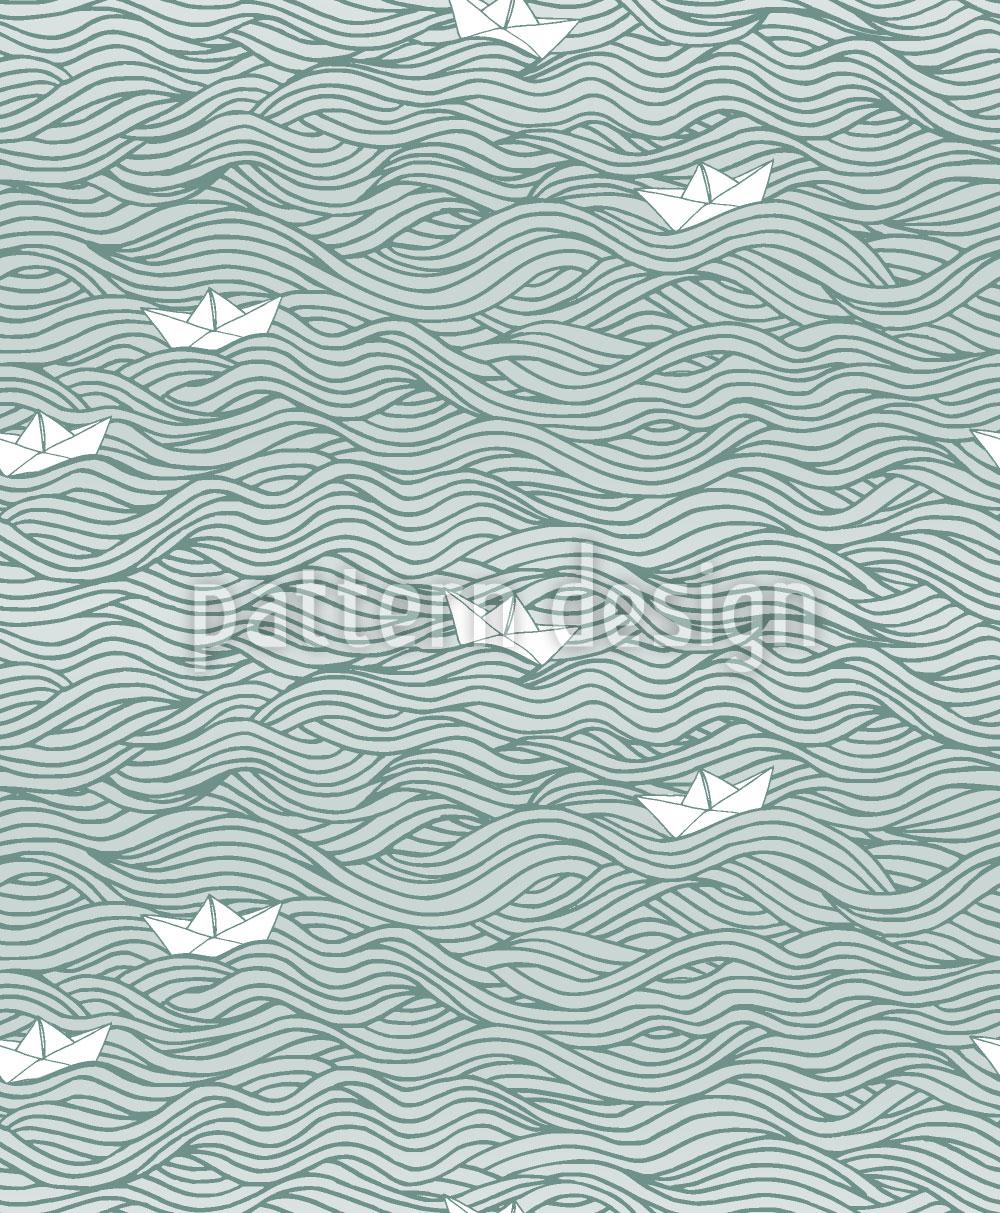 Designtapete Kleine Papier-Boote